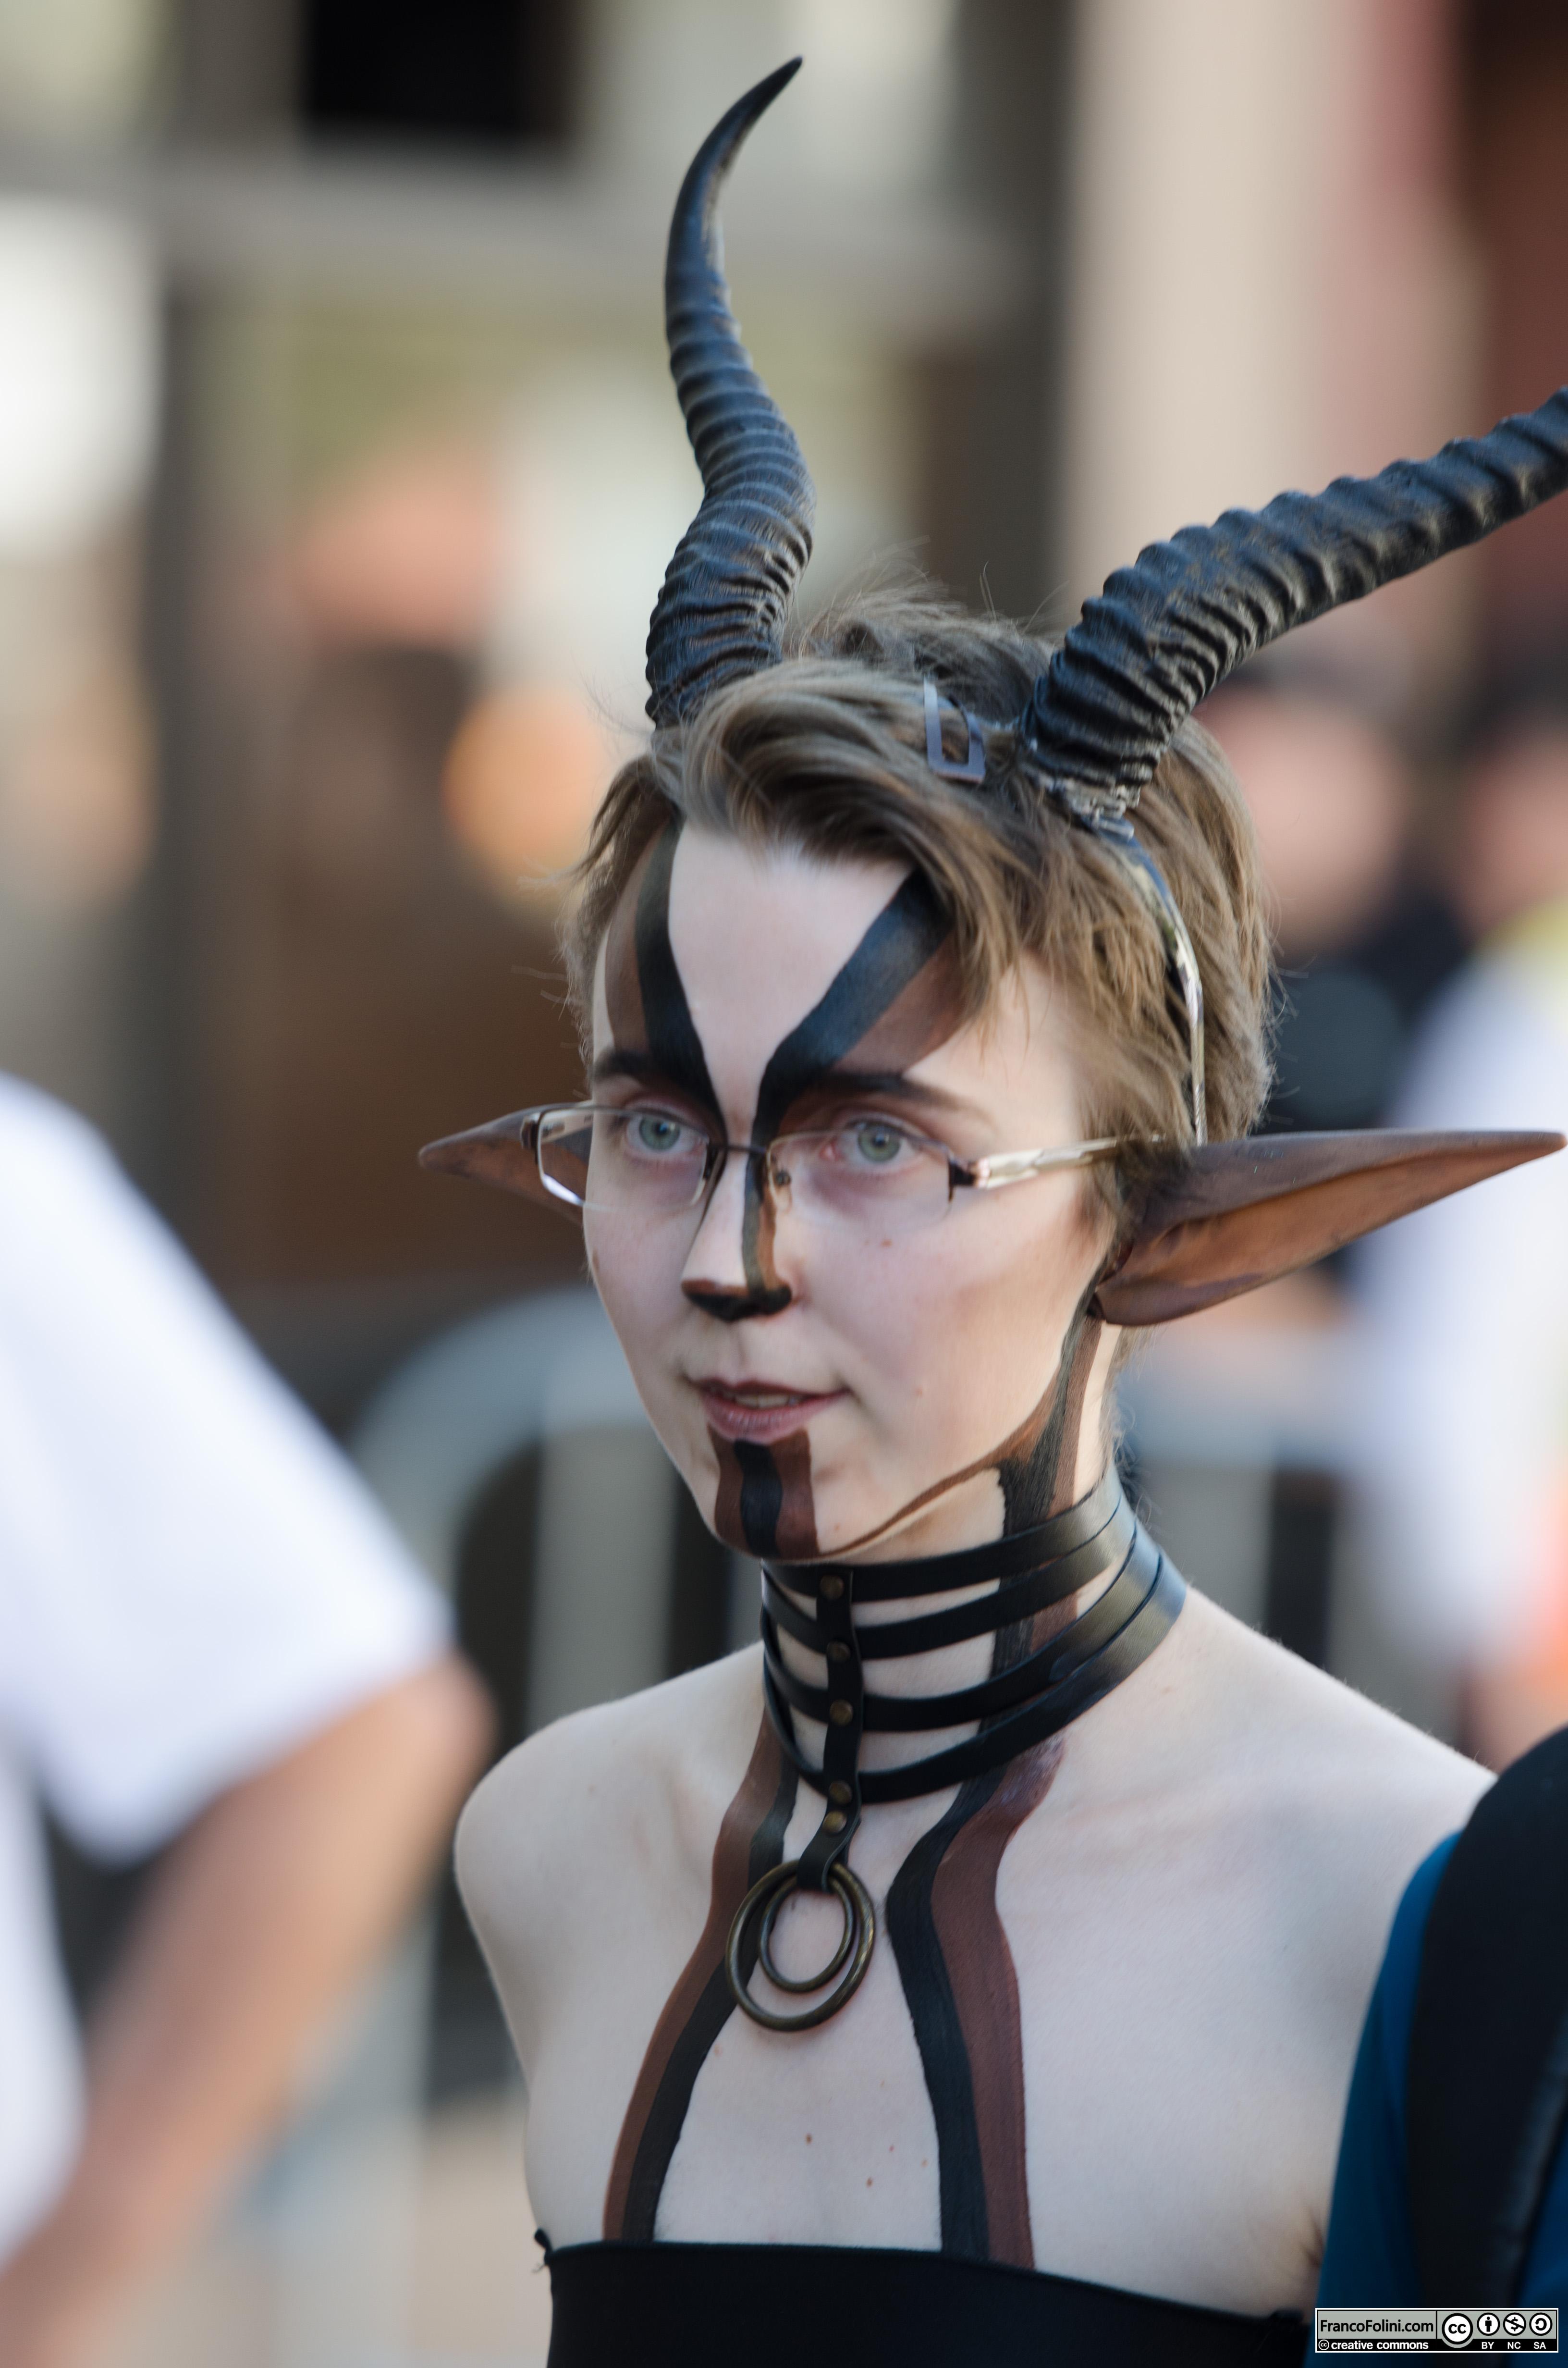 San Francisco Folsom Street Fair: mythical girl